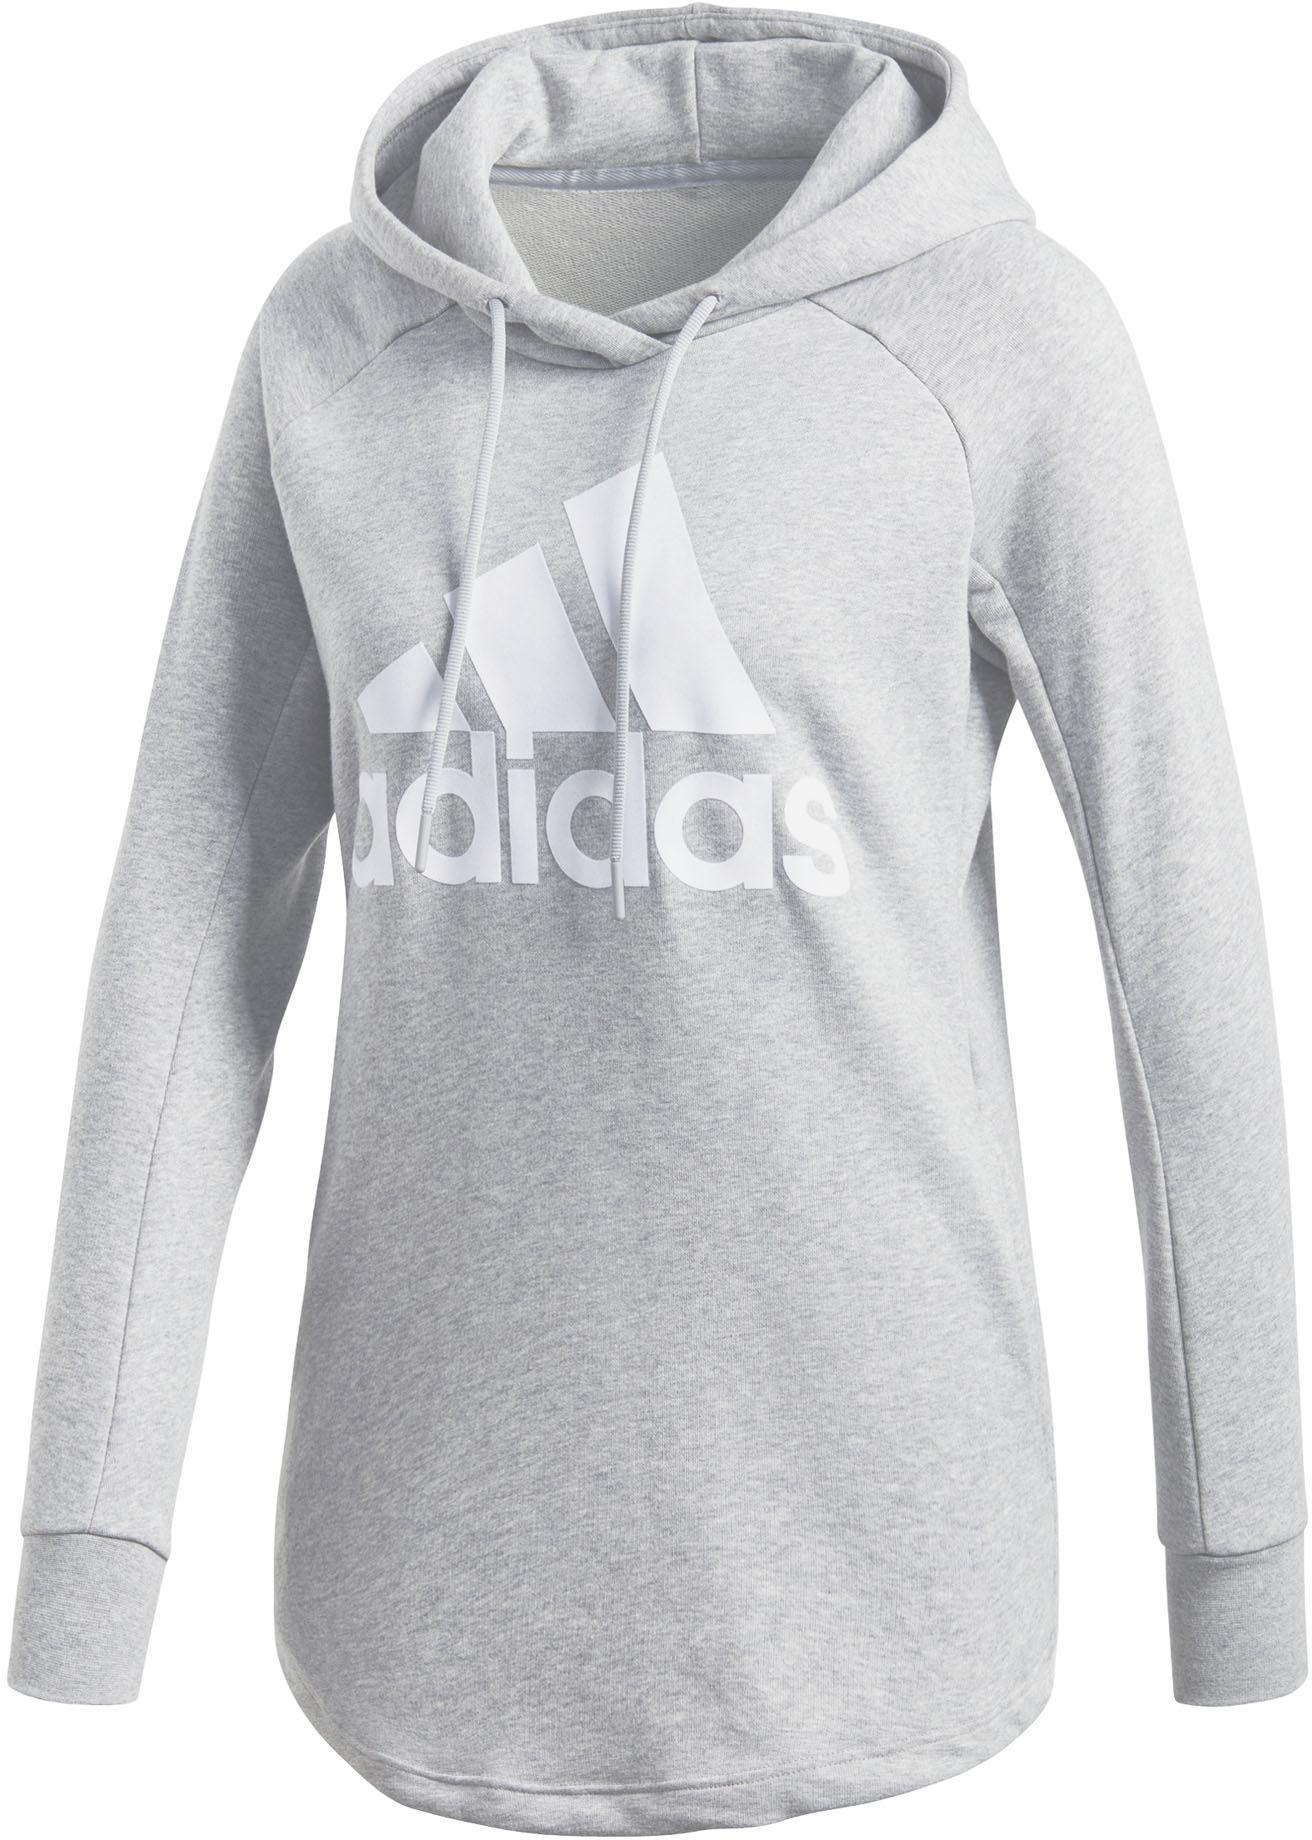 Image of   Adidas Sport Hættetrøje til kvinder - Grå